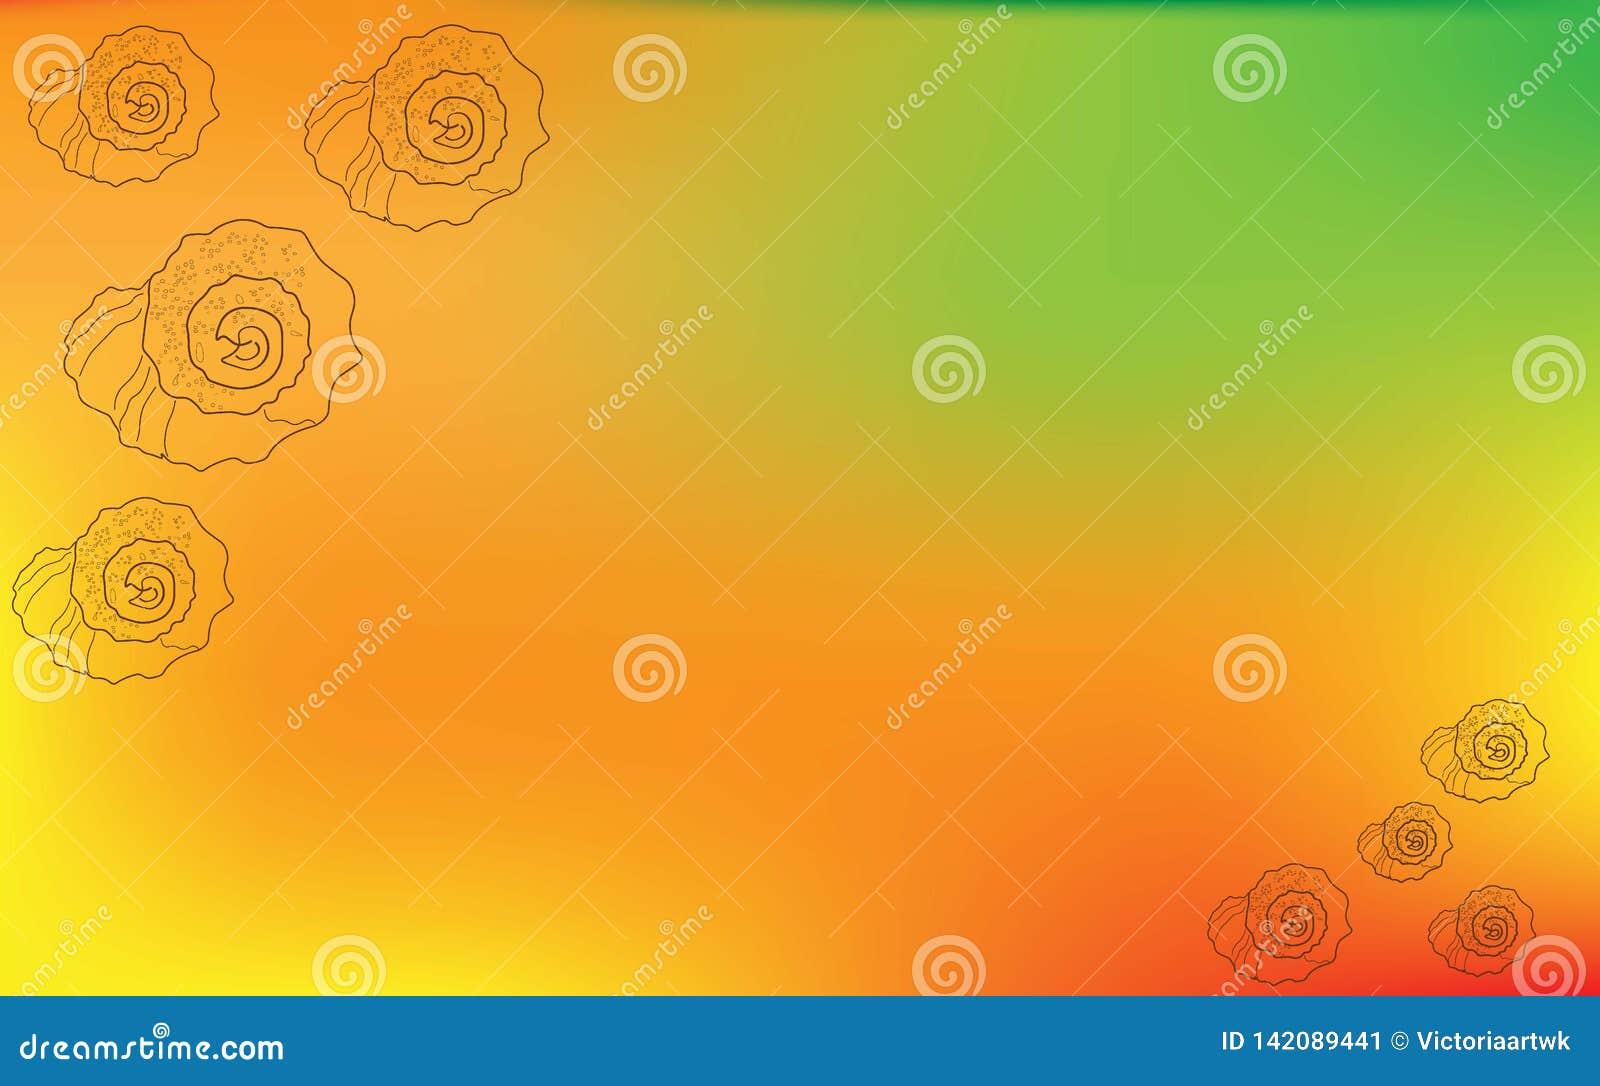 Kontur av snäckskal av olika format på enapelsin bakgrund